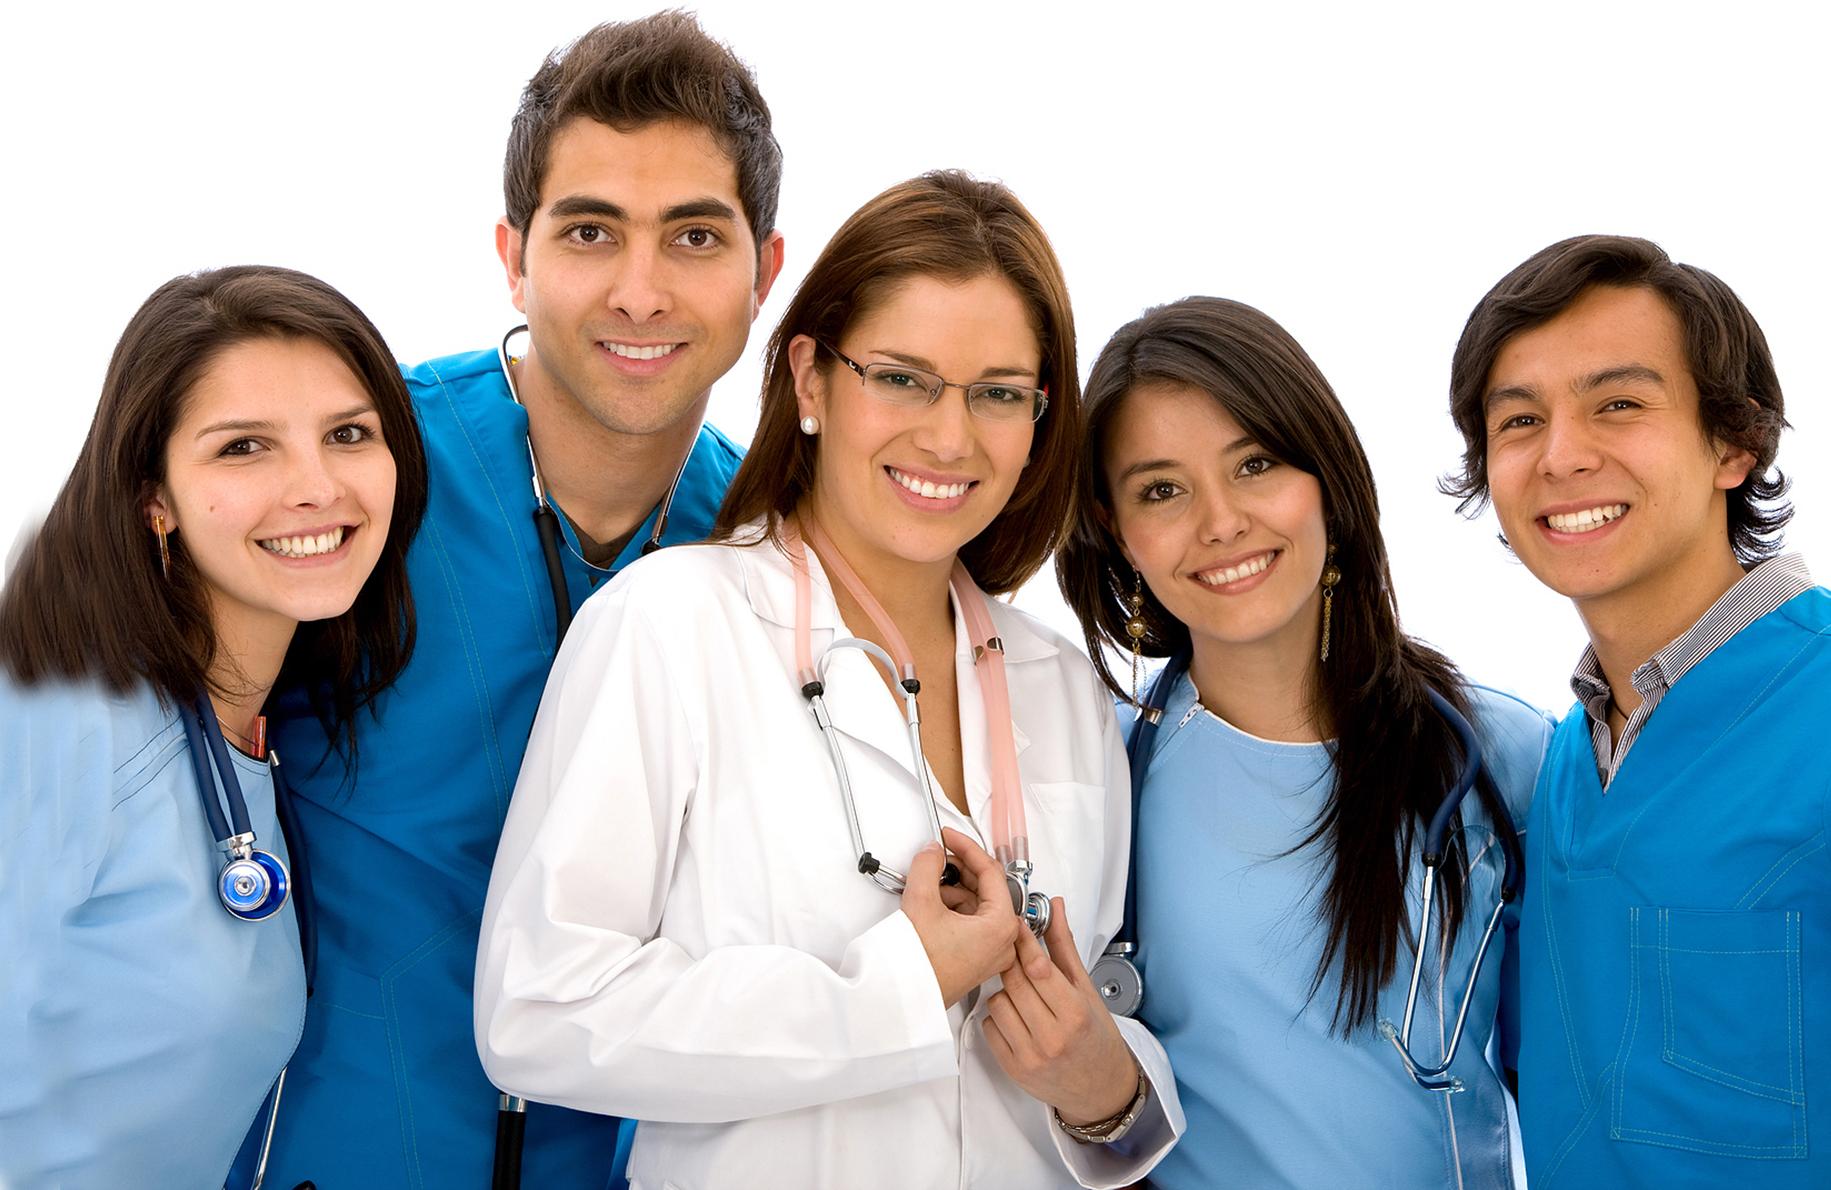 Smiling group of nurses wearing blue scrubs